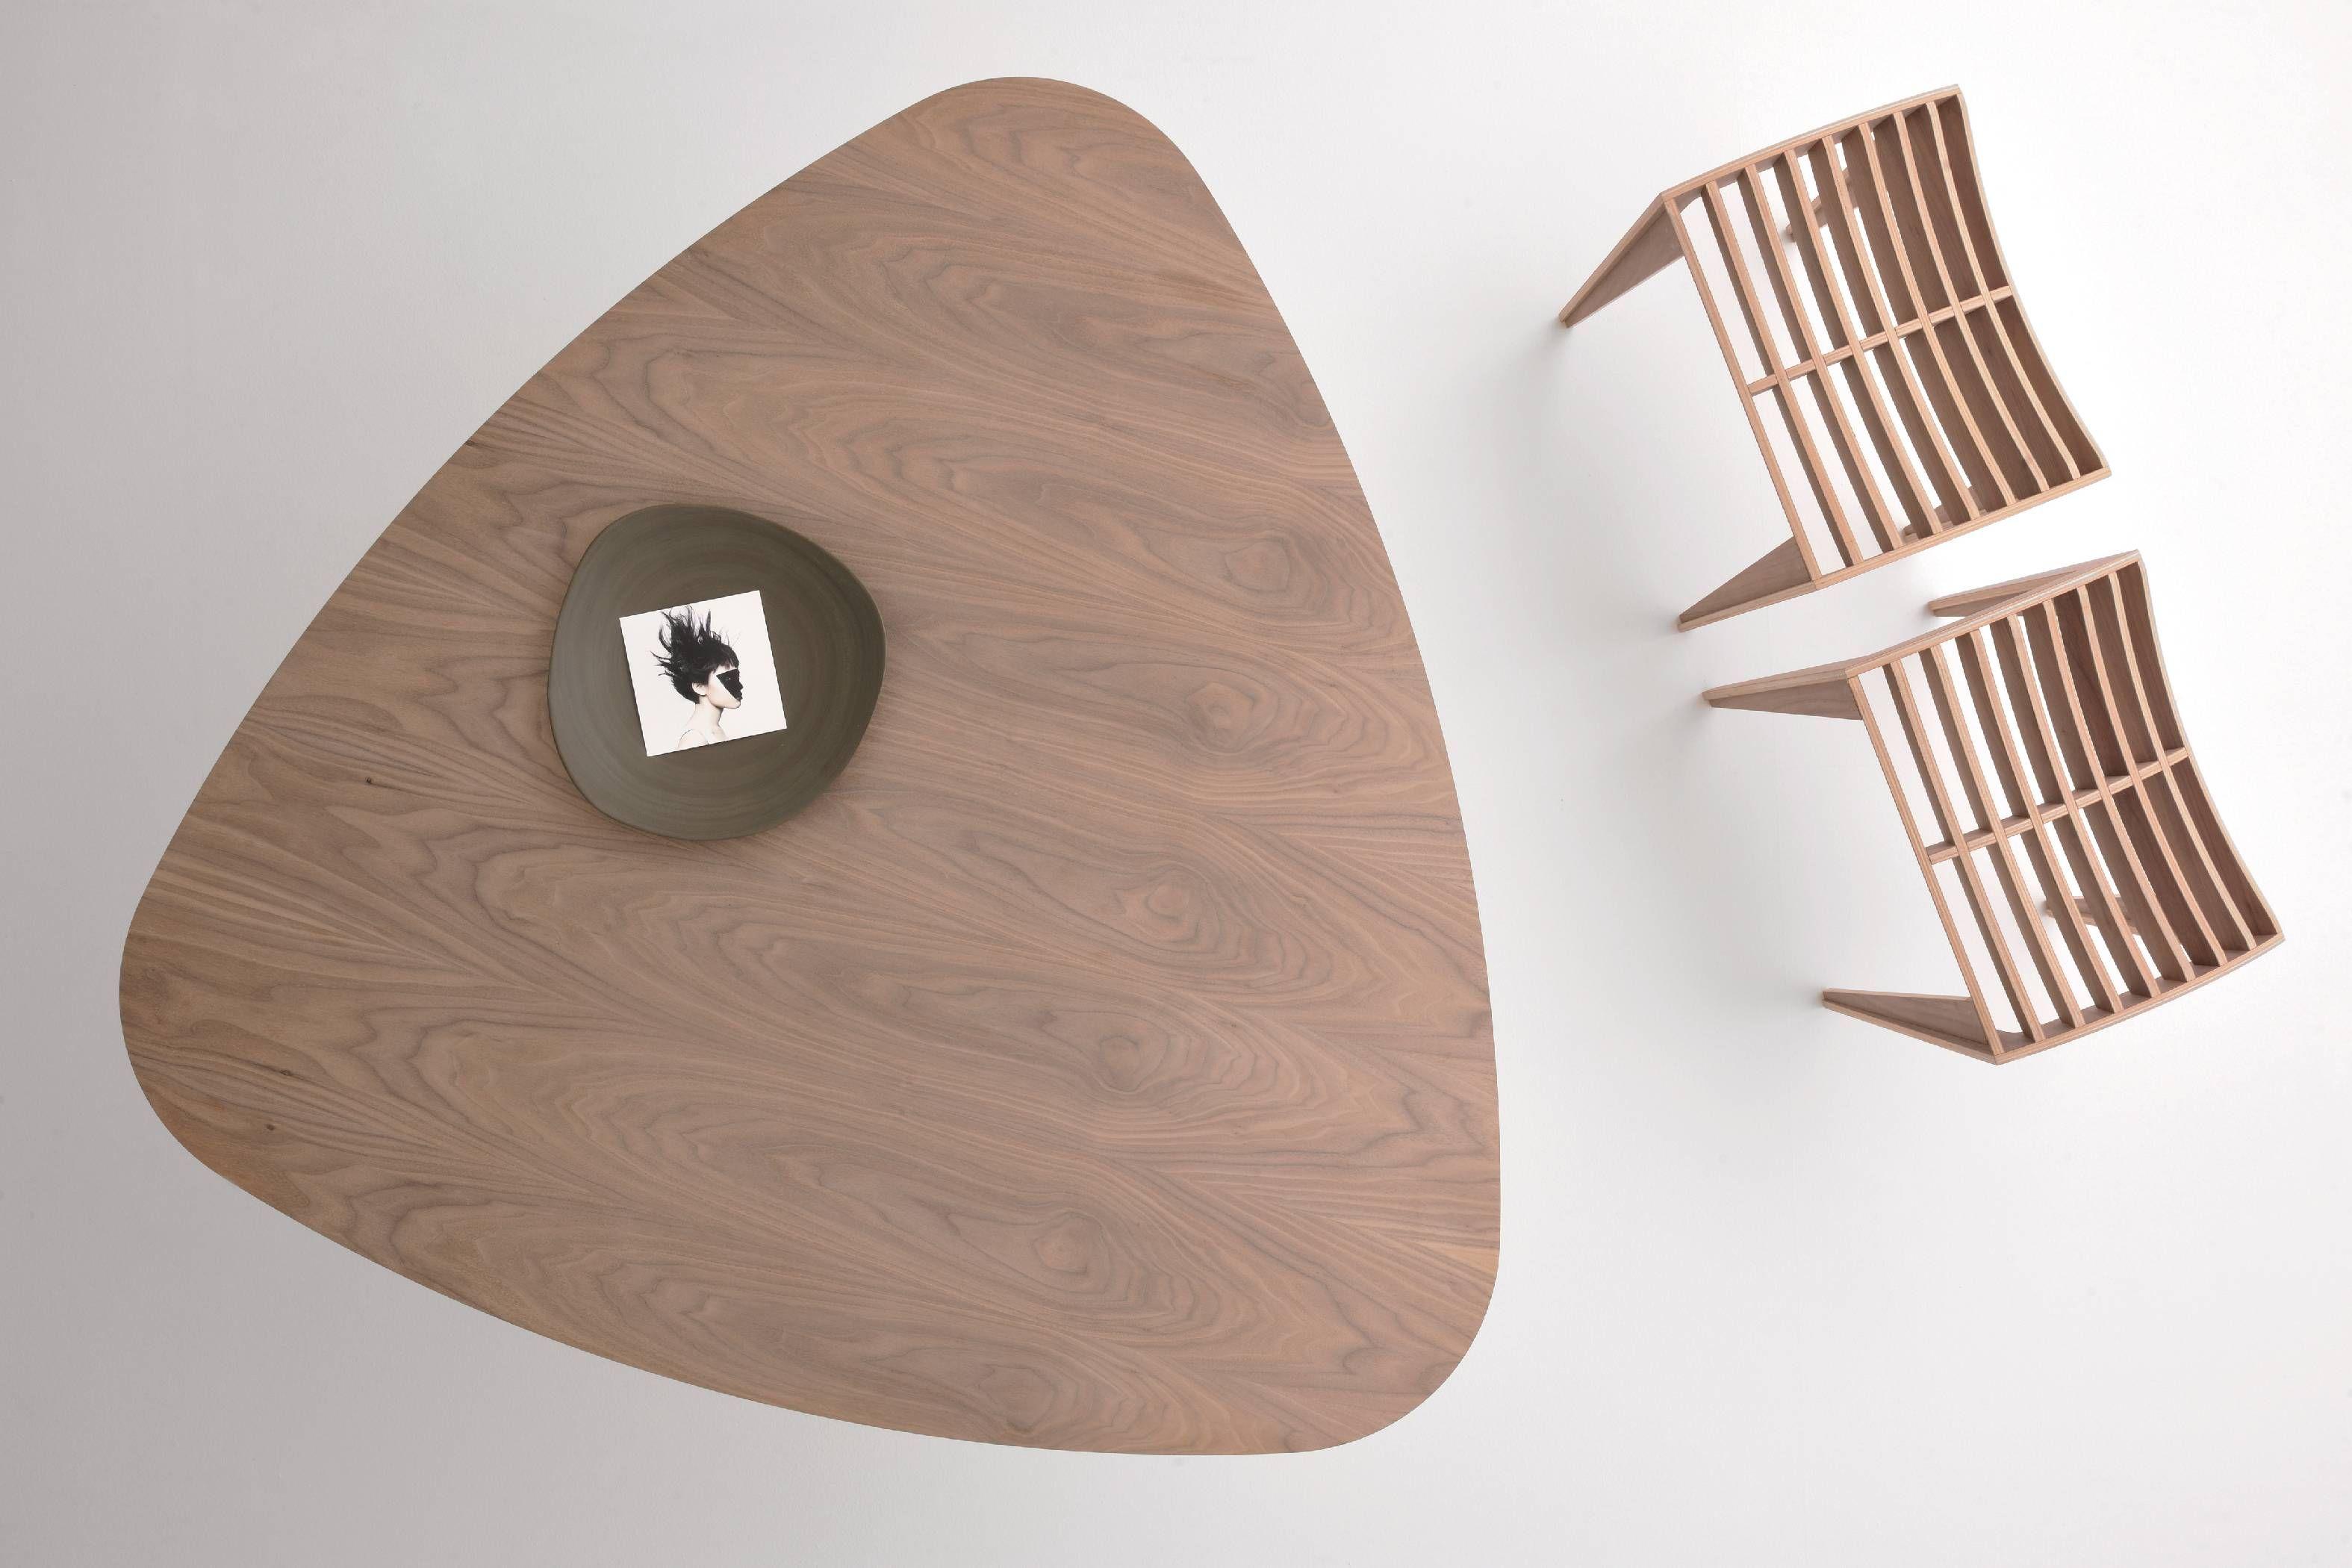 Trident tavolo triangolare in legno di noce canaletto con angoli